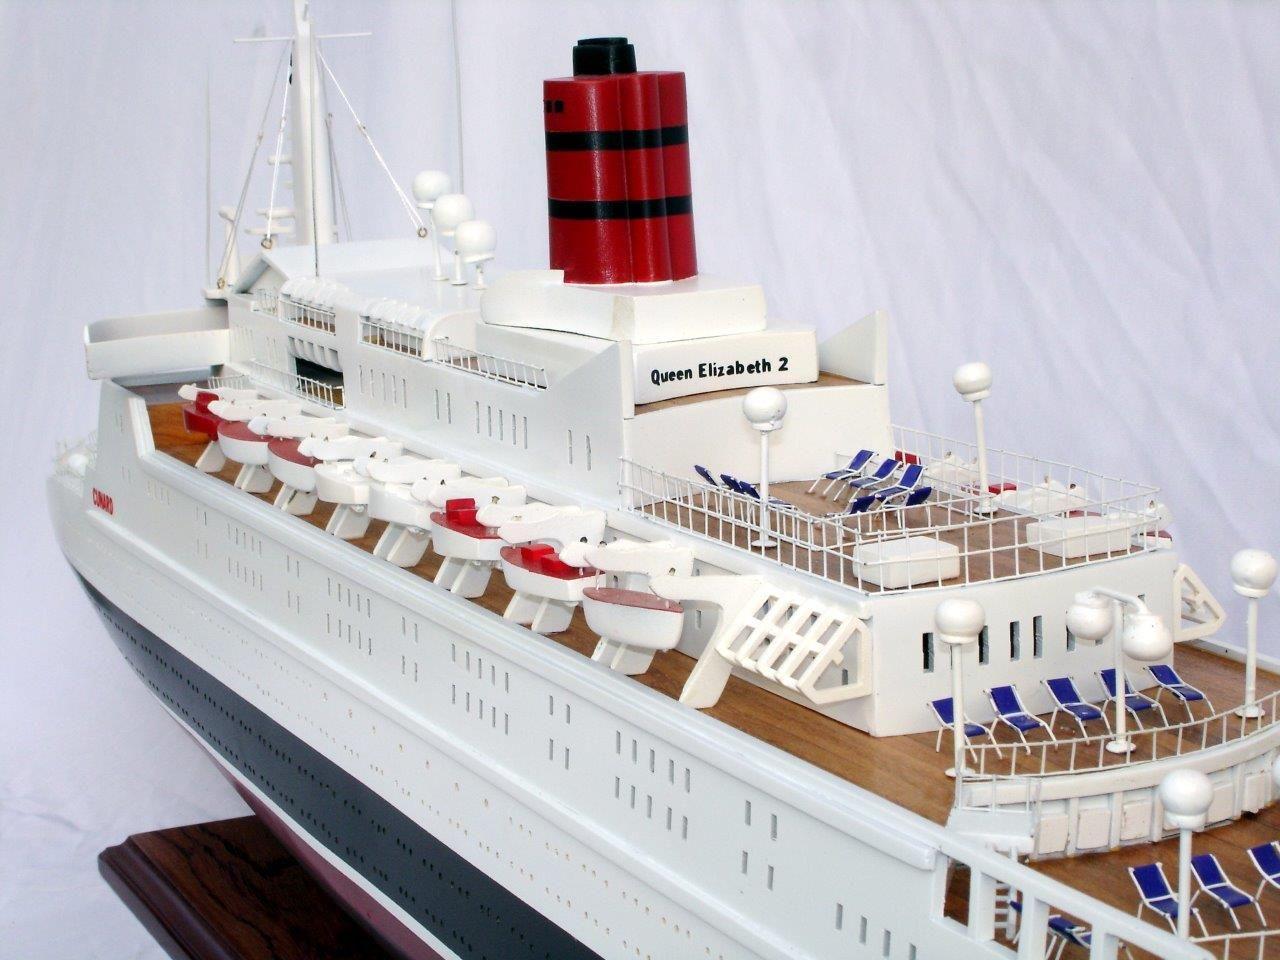 2088-12395-Queen-Elizabeth-2-Ship-Model